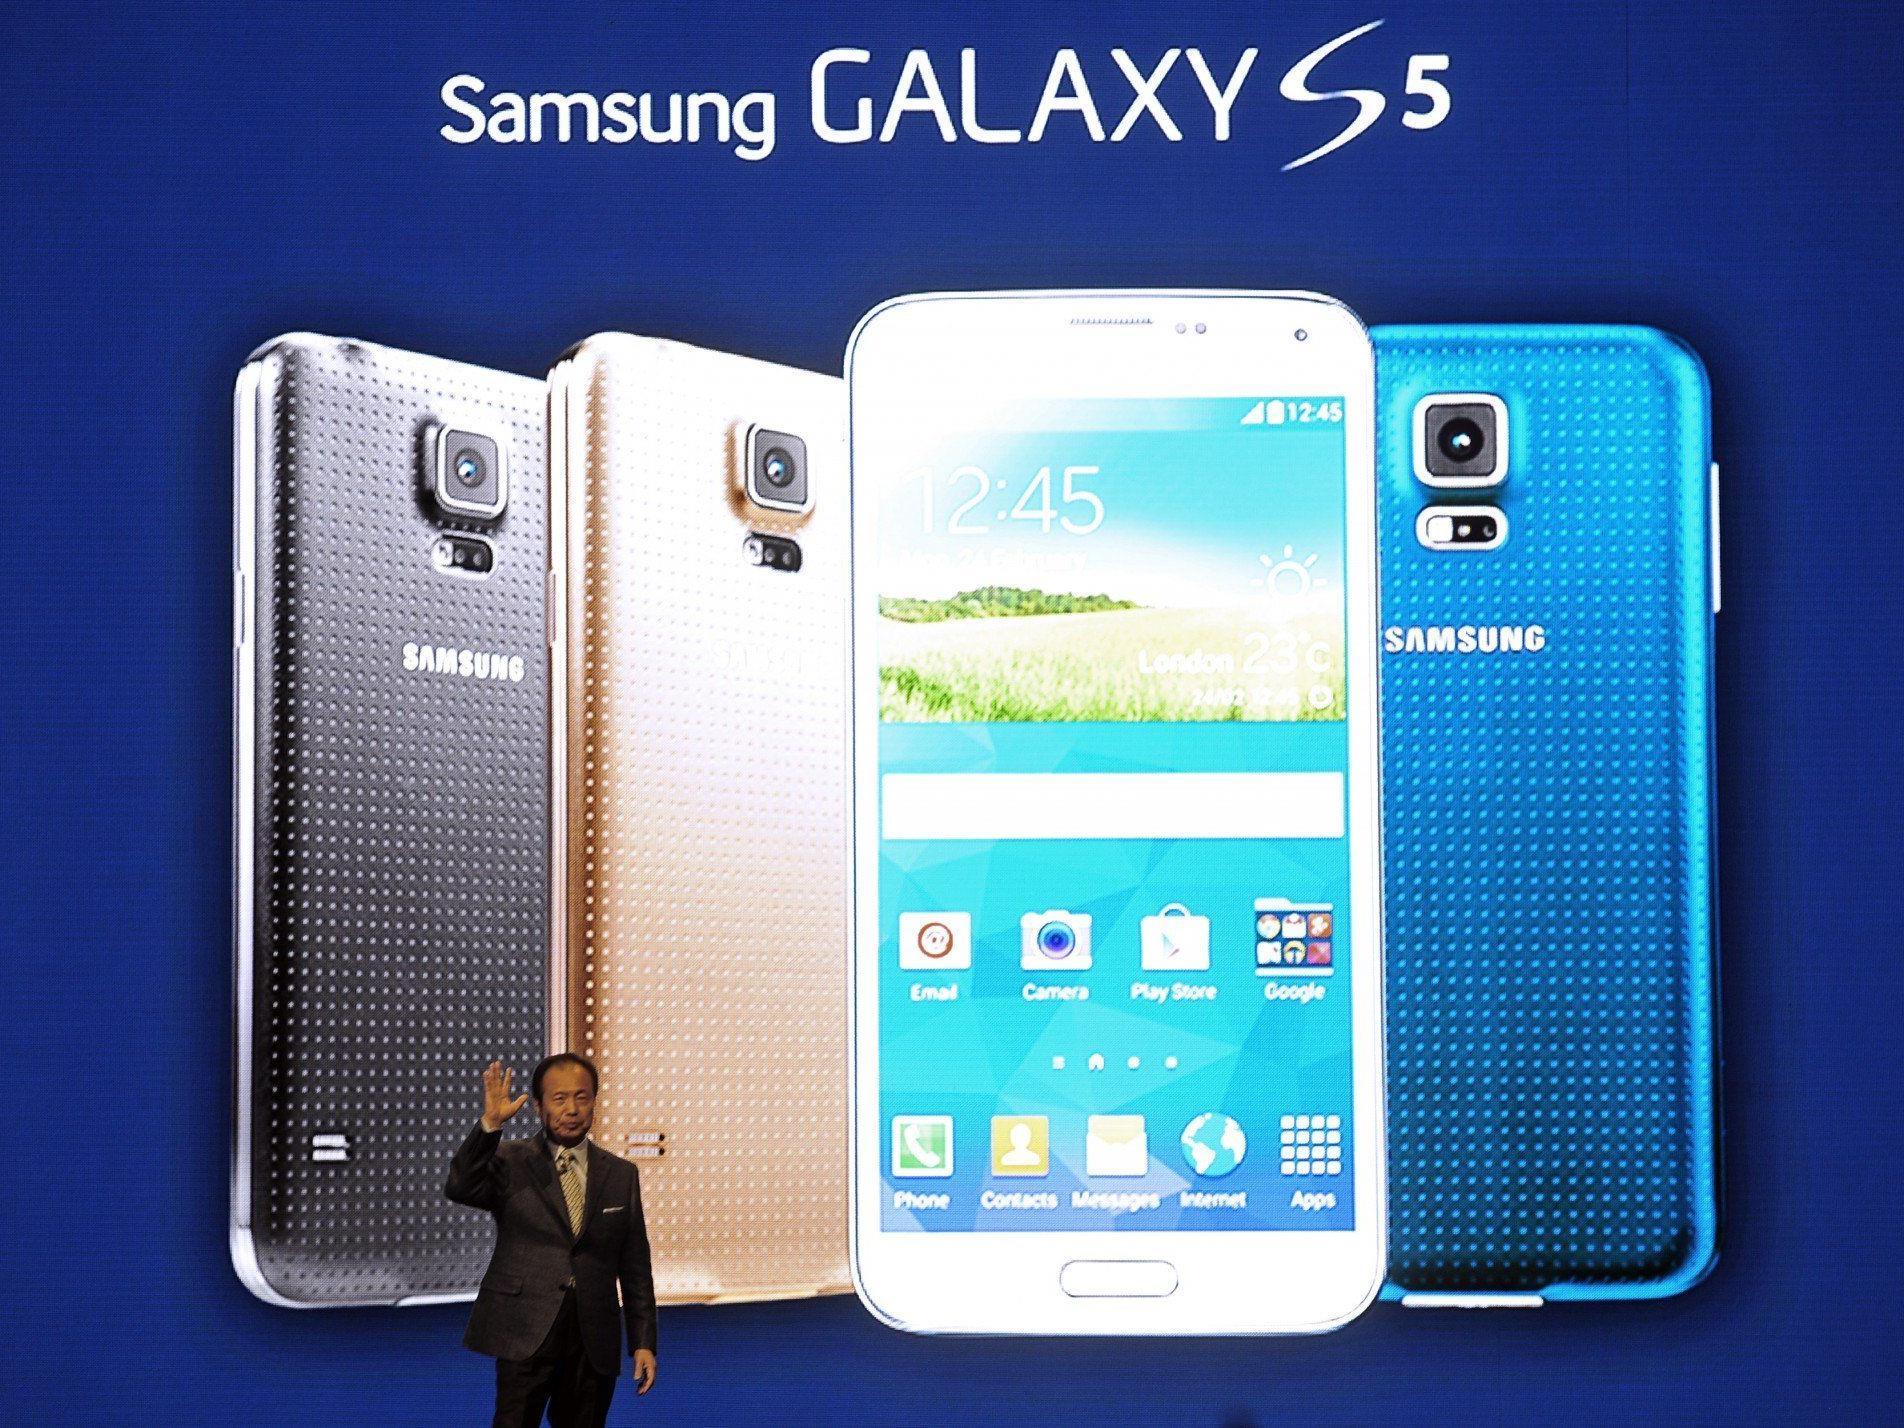 Samsung stellt sein neues Top-Android-Handy vor.